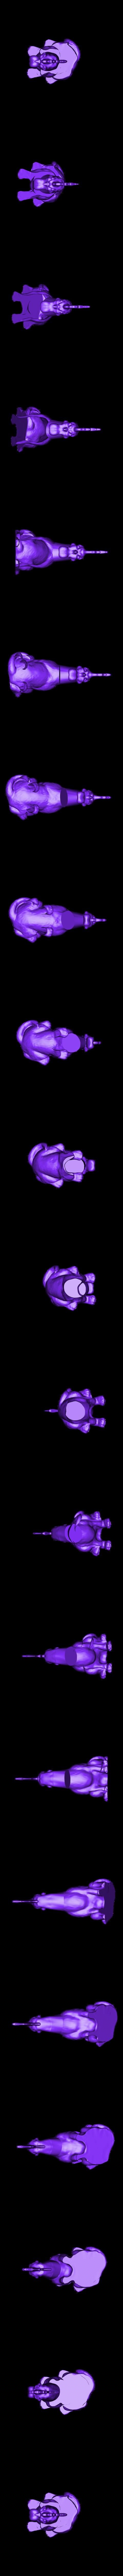 Chiuacoq.stl Télécharger fichier STL gratuit Chihuahua coq poulet • Objet pour impression 3D, Aldebaran